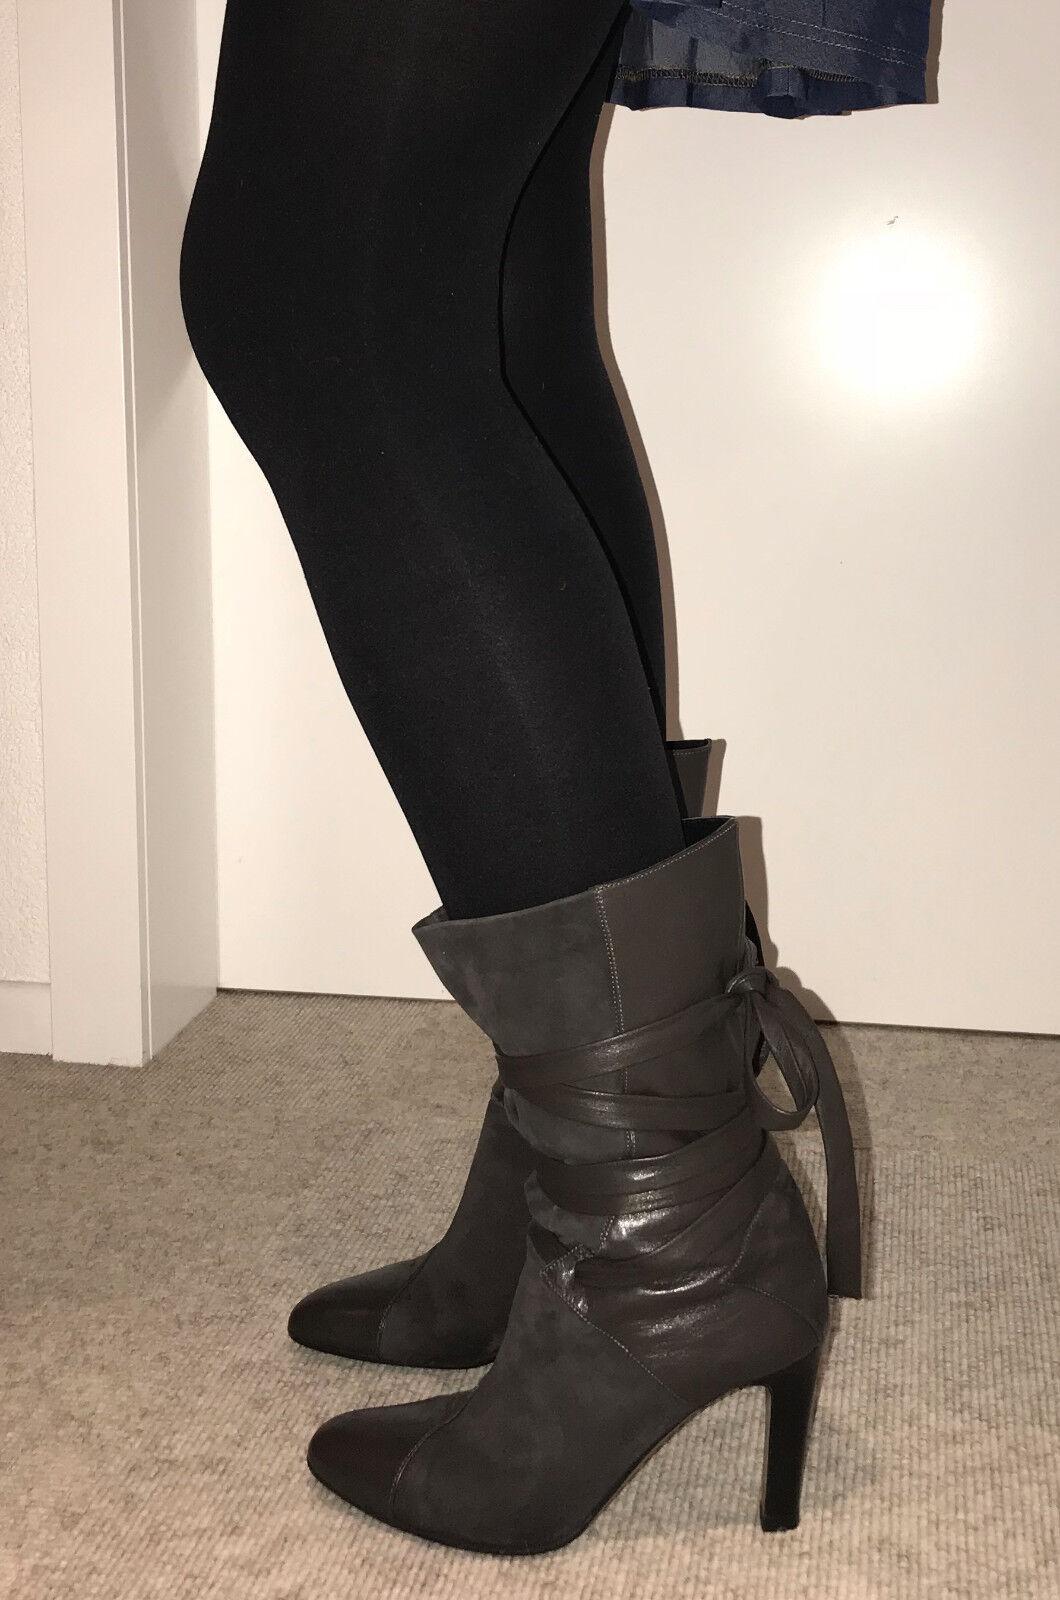 Hugo Boss Stiefel Leder Gr. 36,5 wie neu      e33529